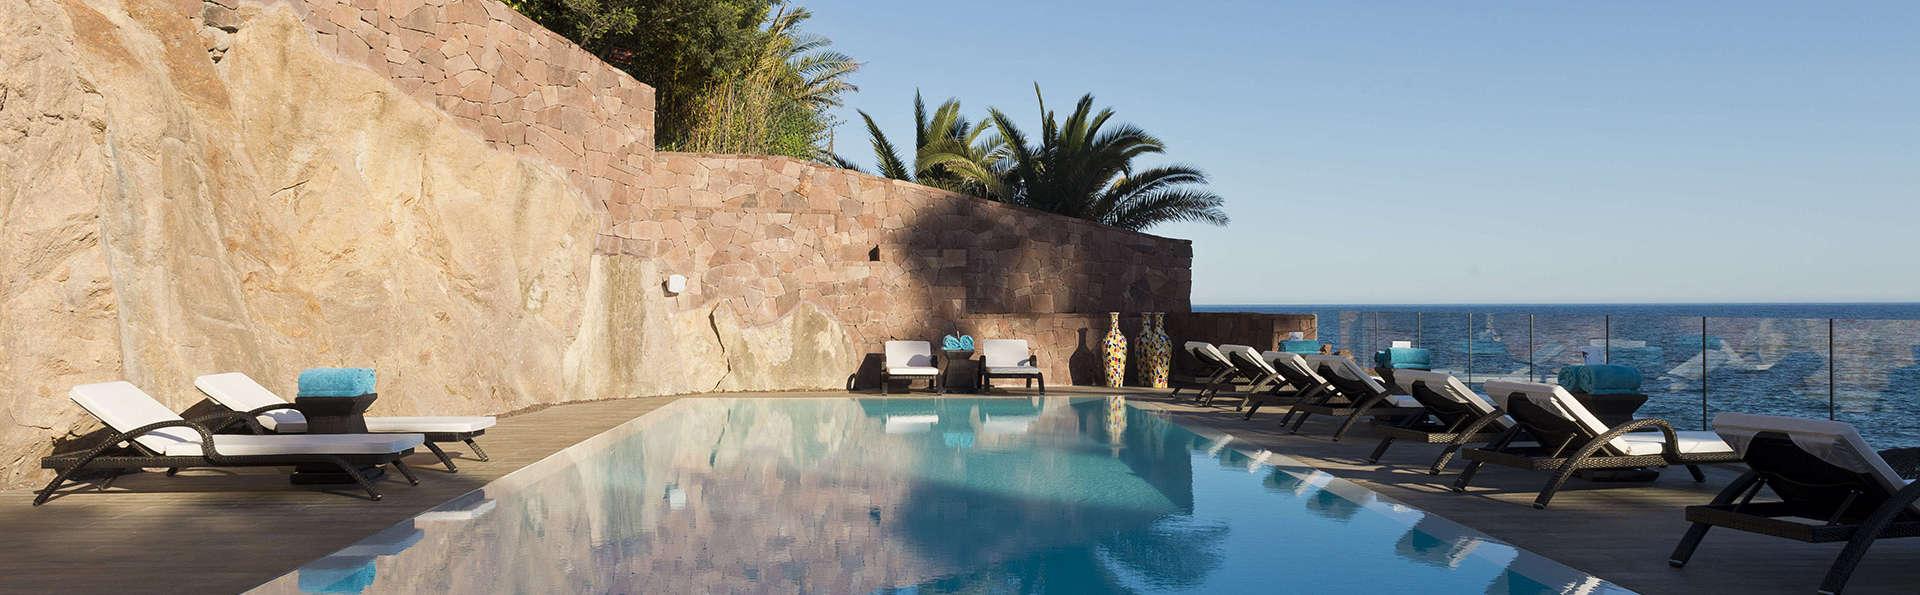 Best 25 Hotel La Plage Ideas On